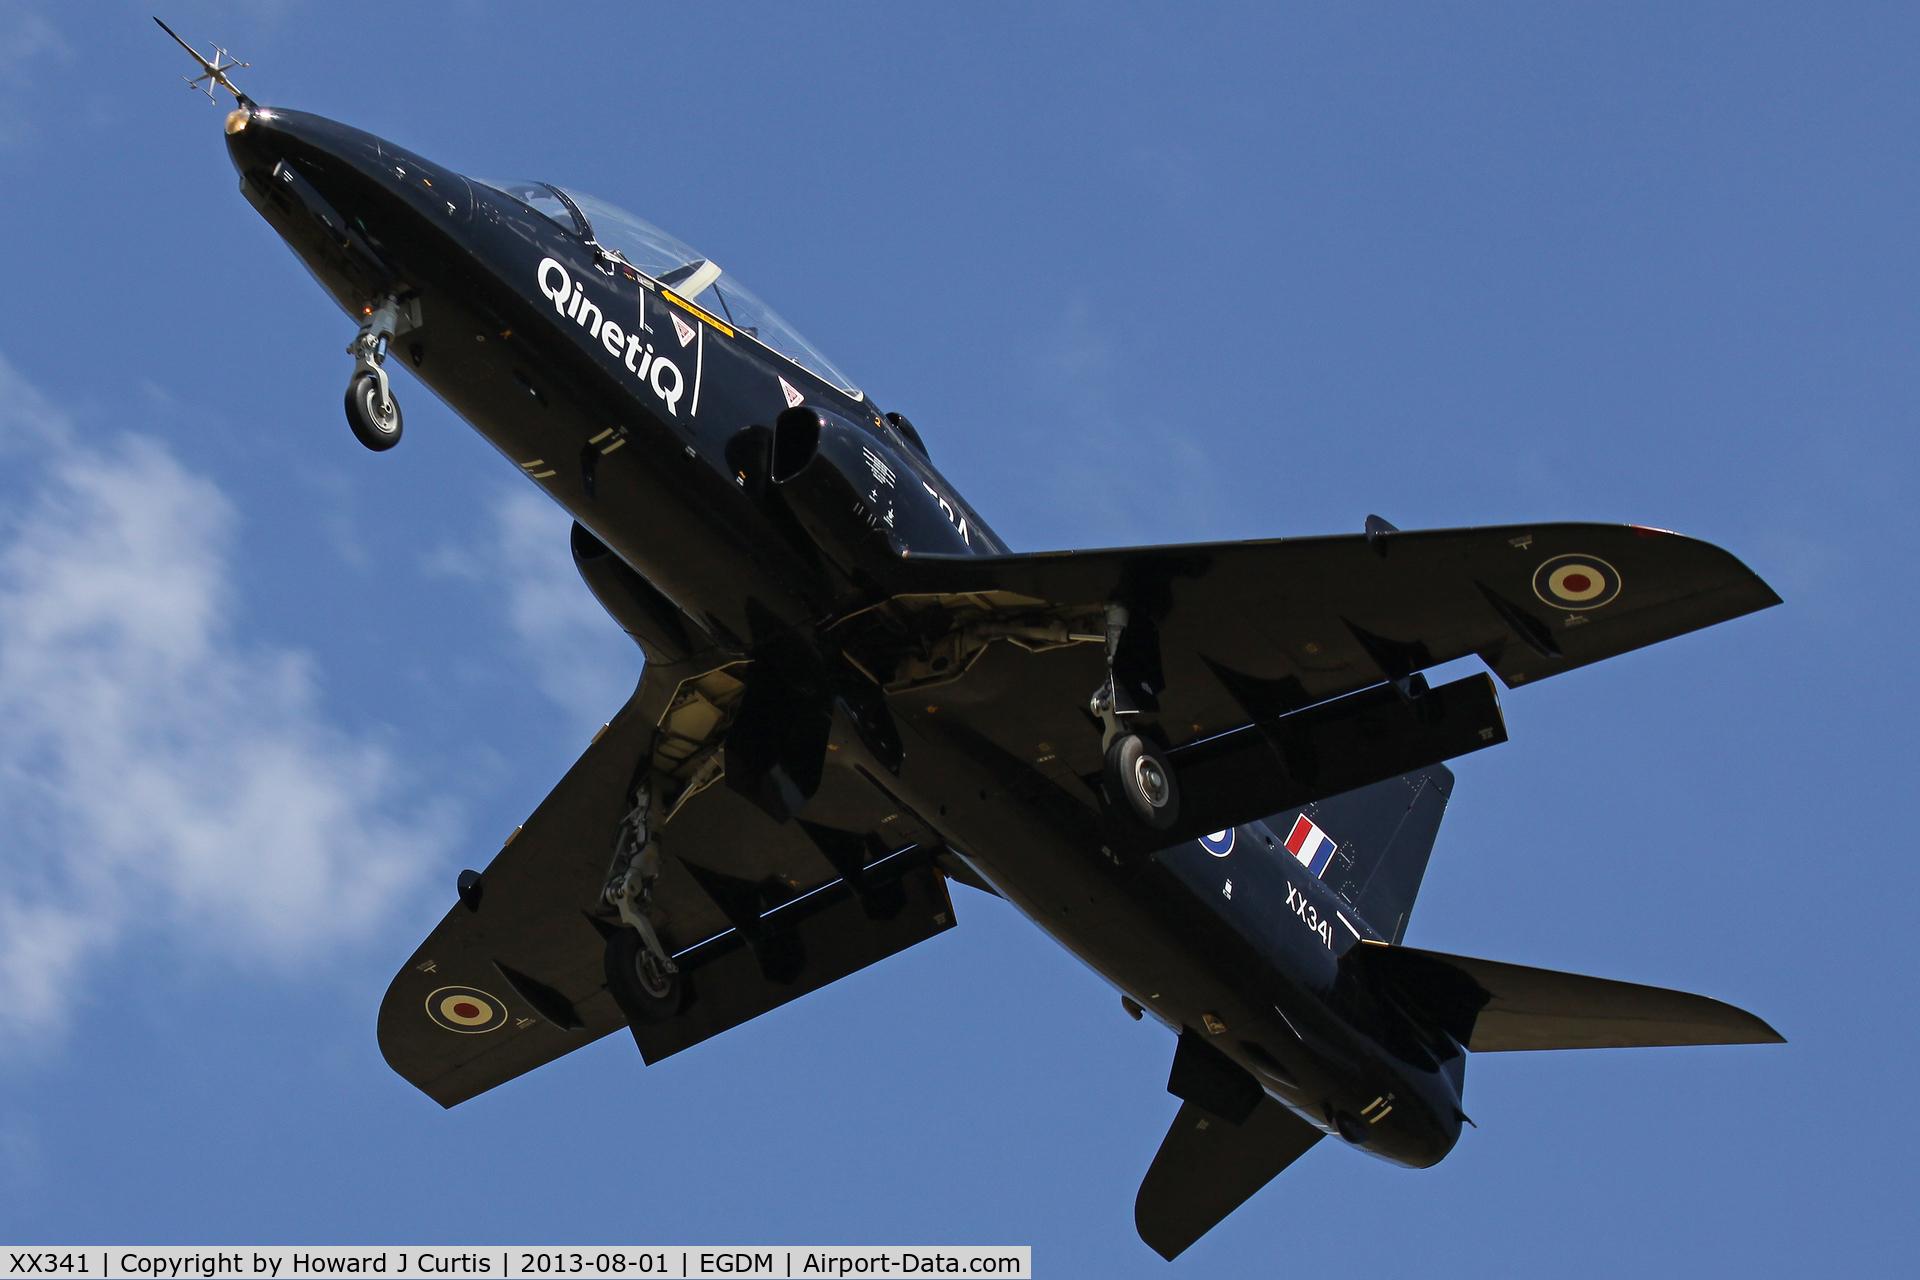 XX341, 1980 Hawker Siddeley Hawk T.1 C/N 190/312165, QinetiQ